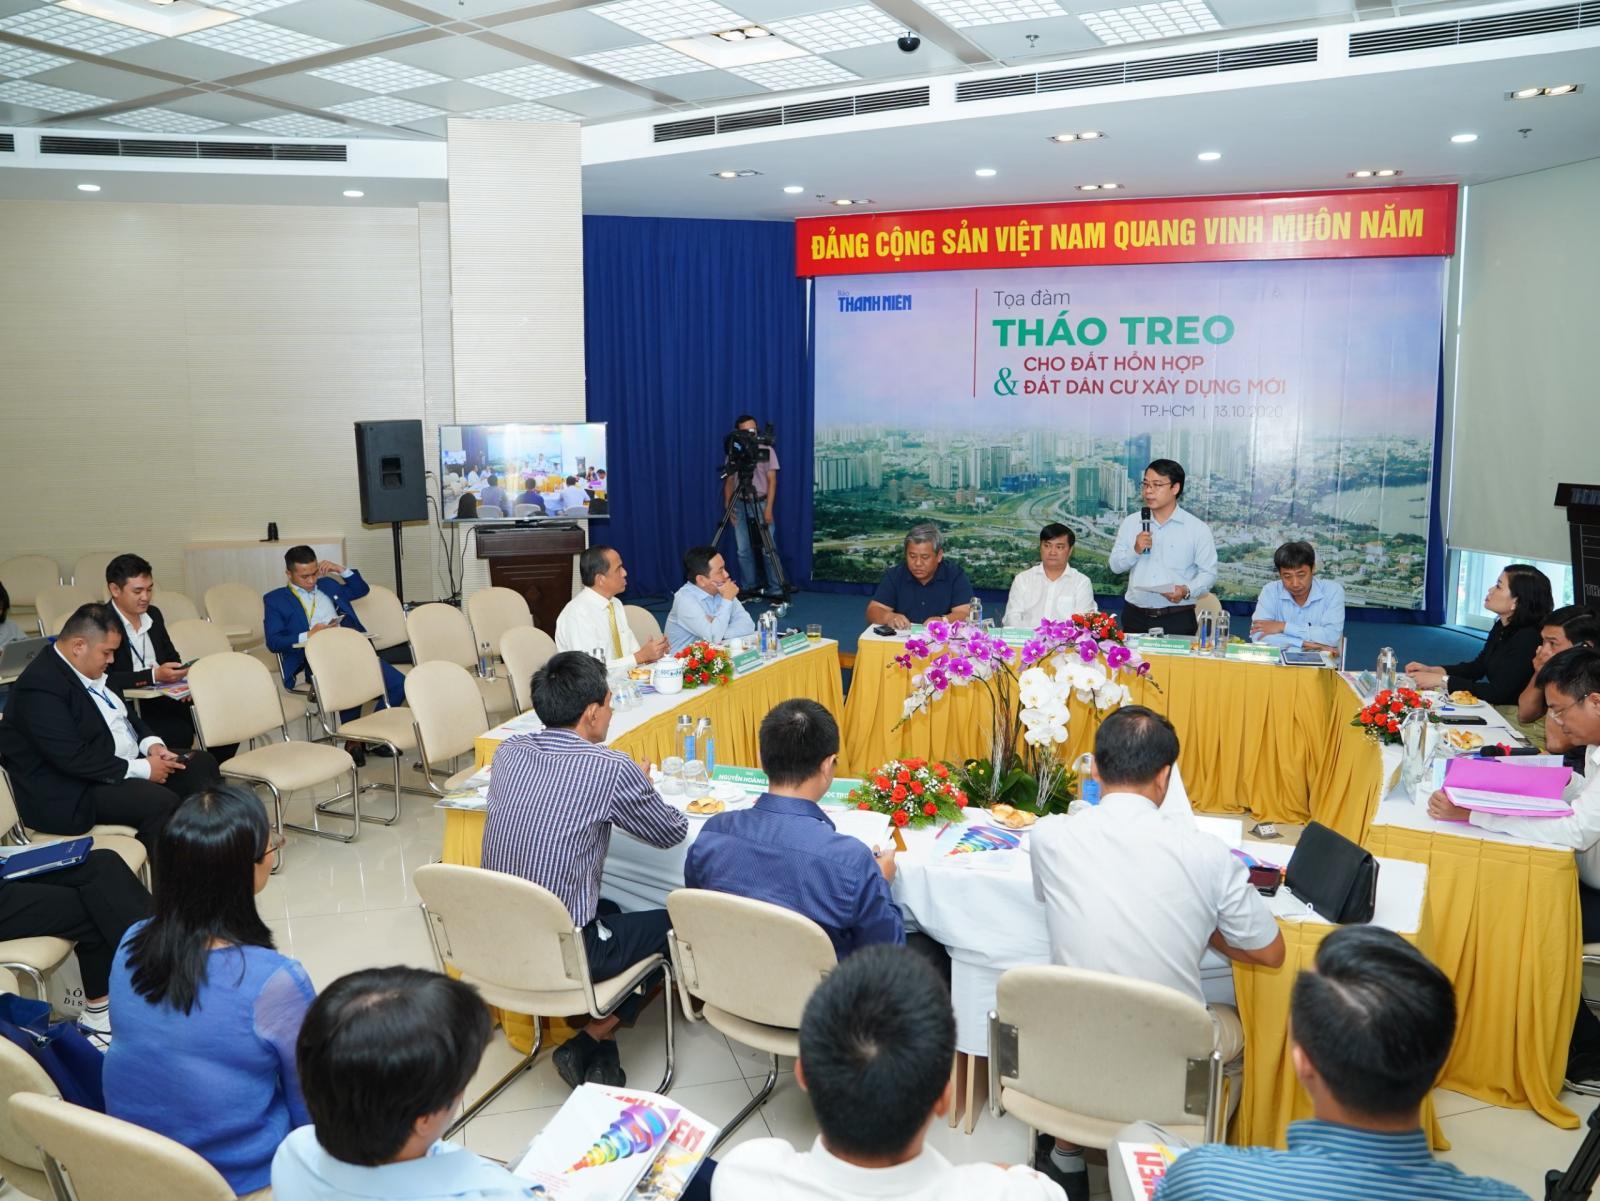 Hình ảnh tại buổi tọa đàm của báo thanh niên